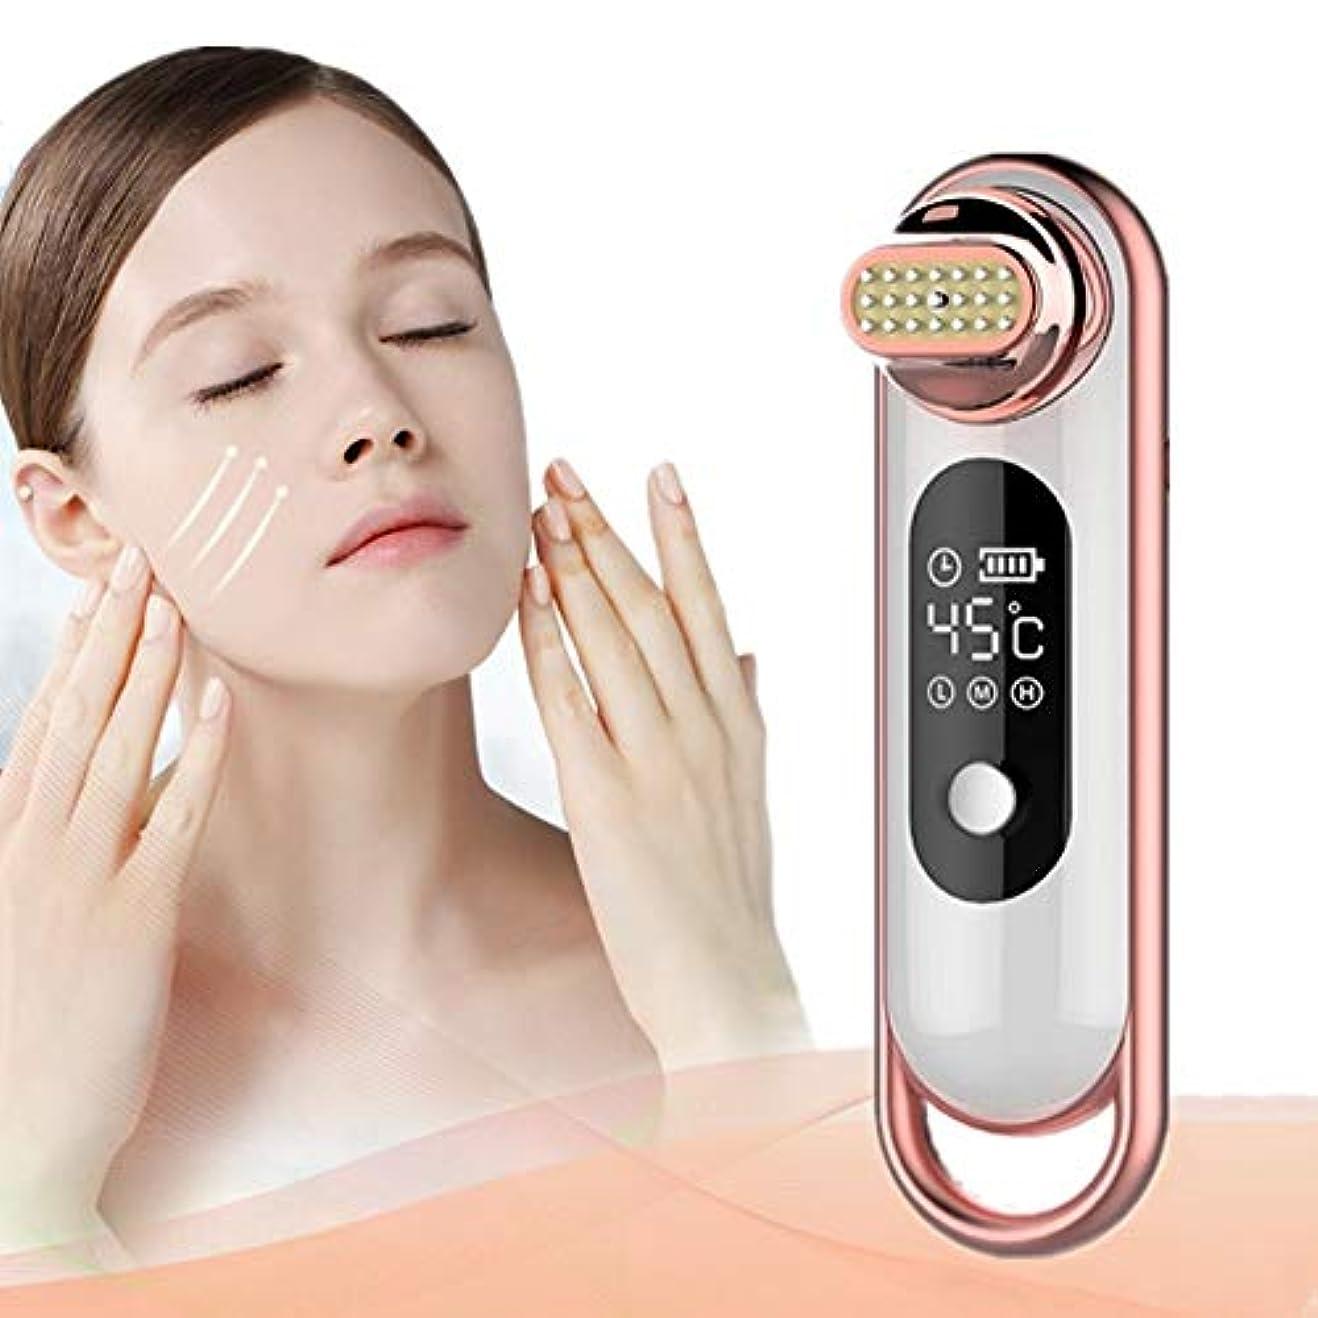 利用可能ソブリケットセイはさておき無線周波数機械、介護者の肌の引き締め、ダークサークルの除去しわ顔首リフトデバイスRF顔アンチエイジング美容デバイス肌の若返り